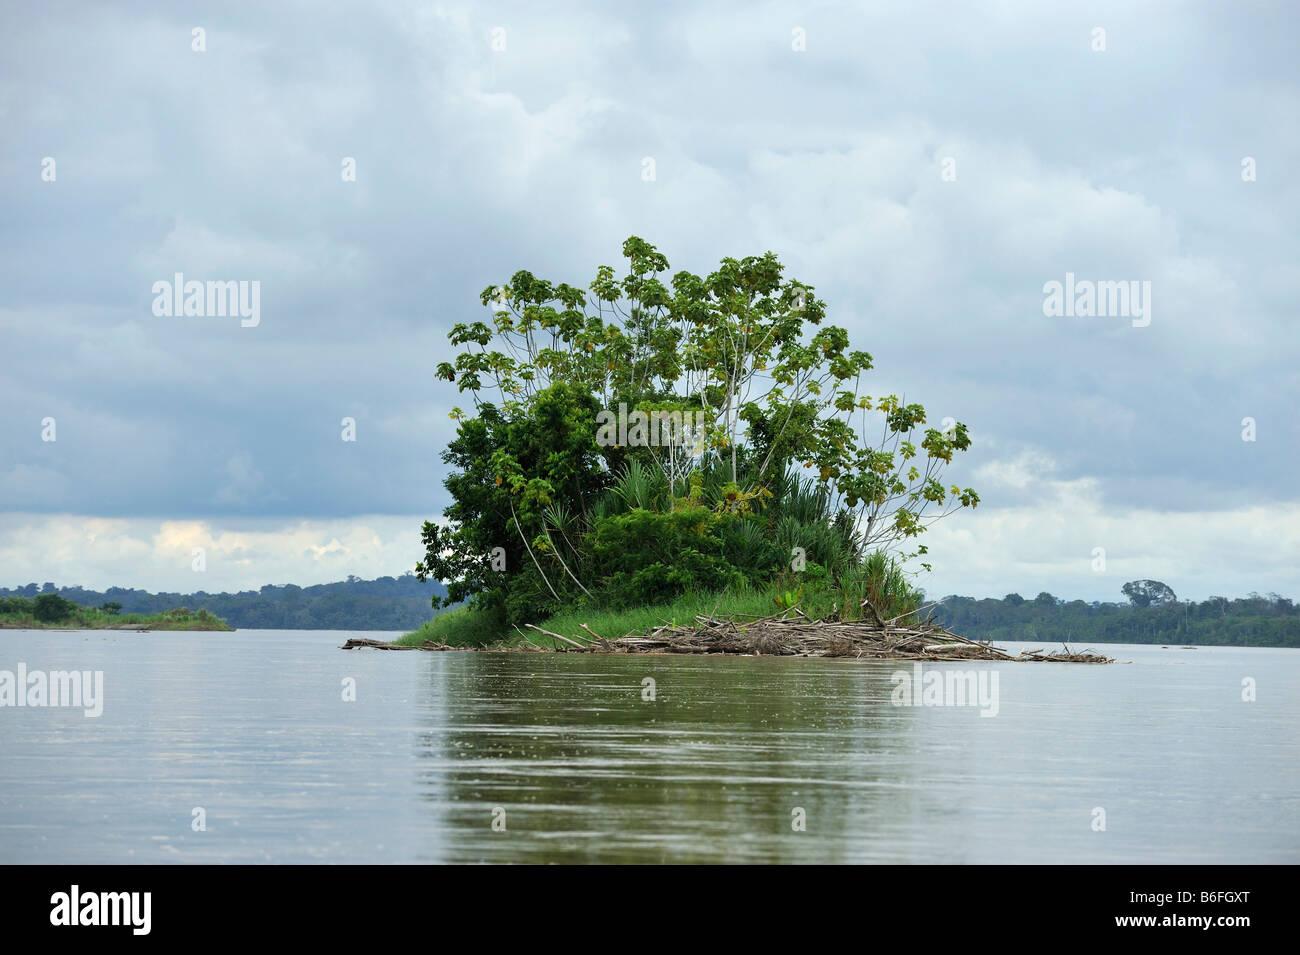 Island in the Rio Napo river near the city of El Coca, Ecuador, South America - Stock Image